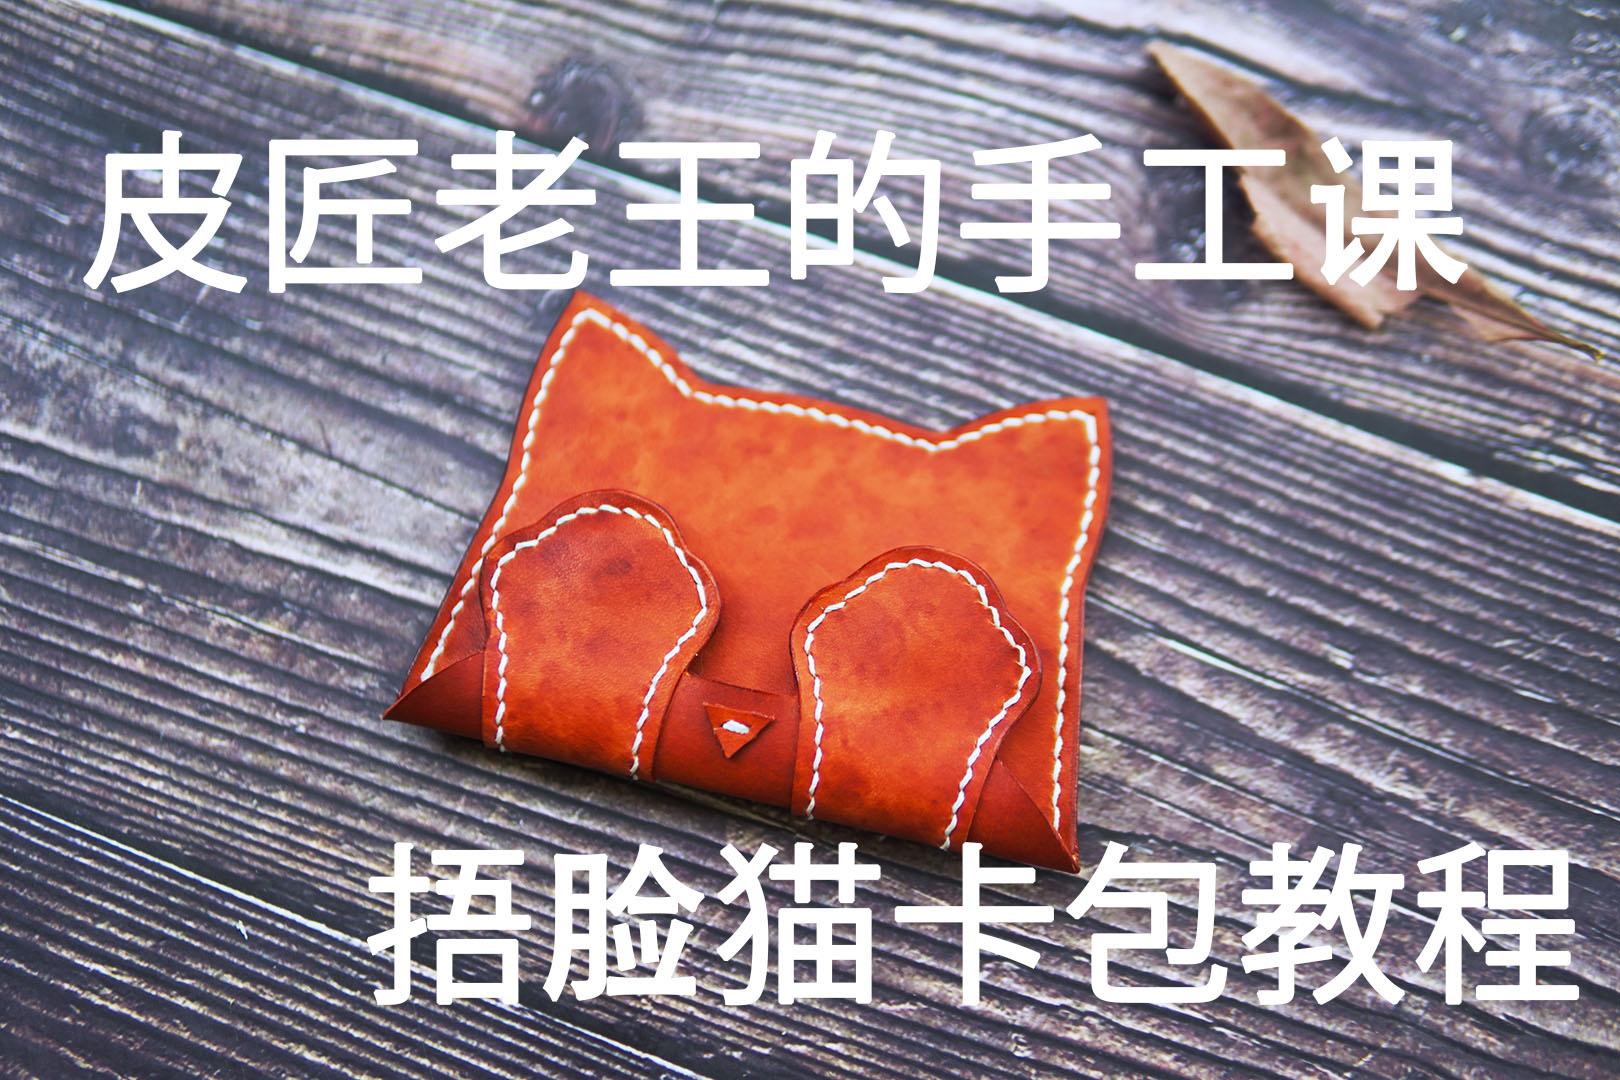 皮匠老王的手工课 捂脸猫卡包教学视频手工皮具DIY染色封边技巧